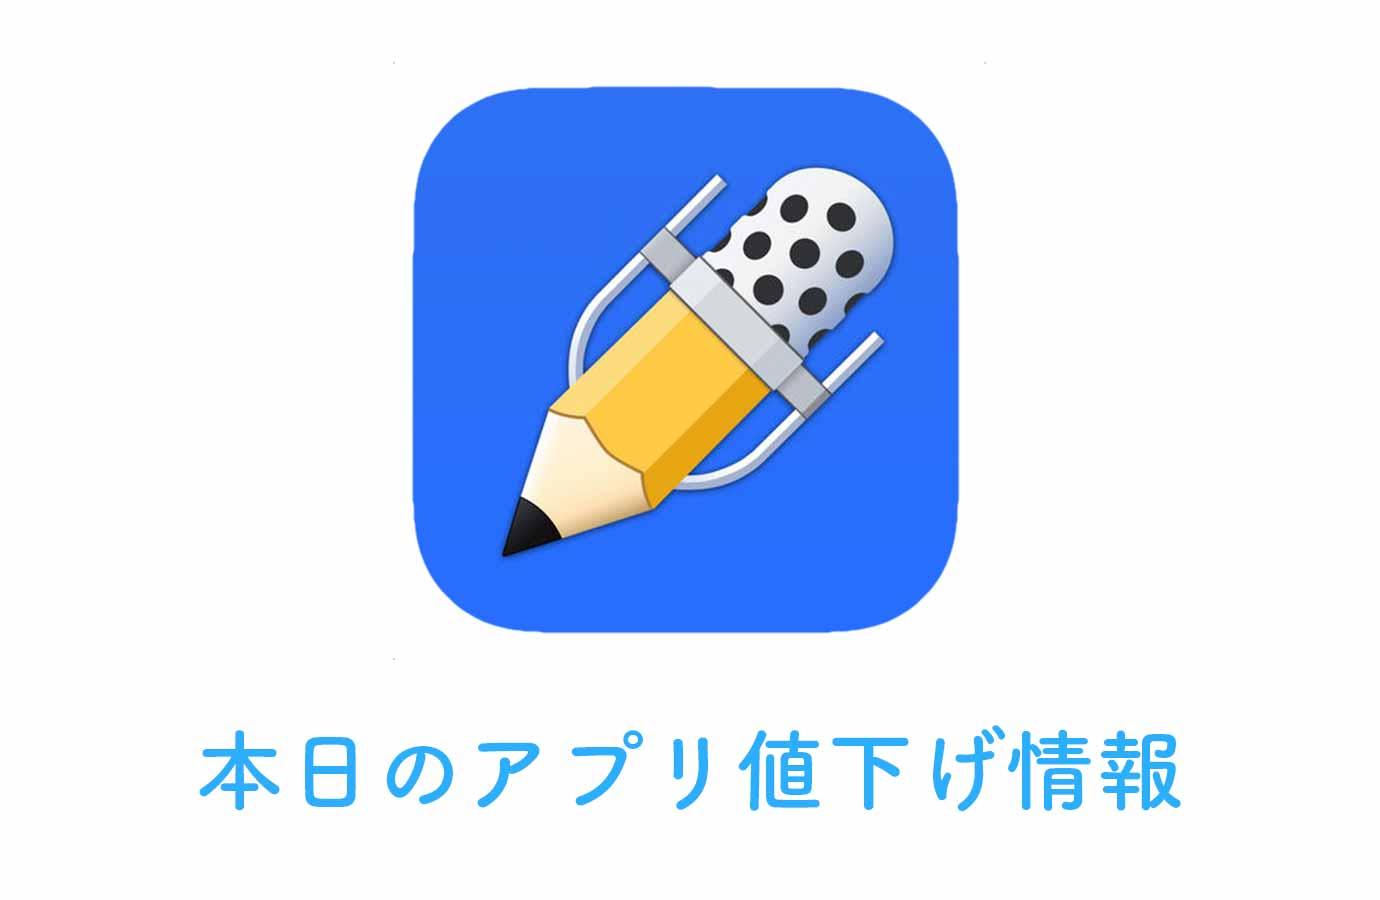 1,200円→840円!人気の多機能メモアプリ「Notability」など【12/19】アプリ値下げ情報